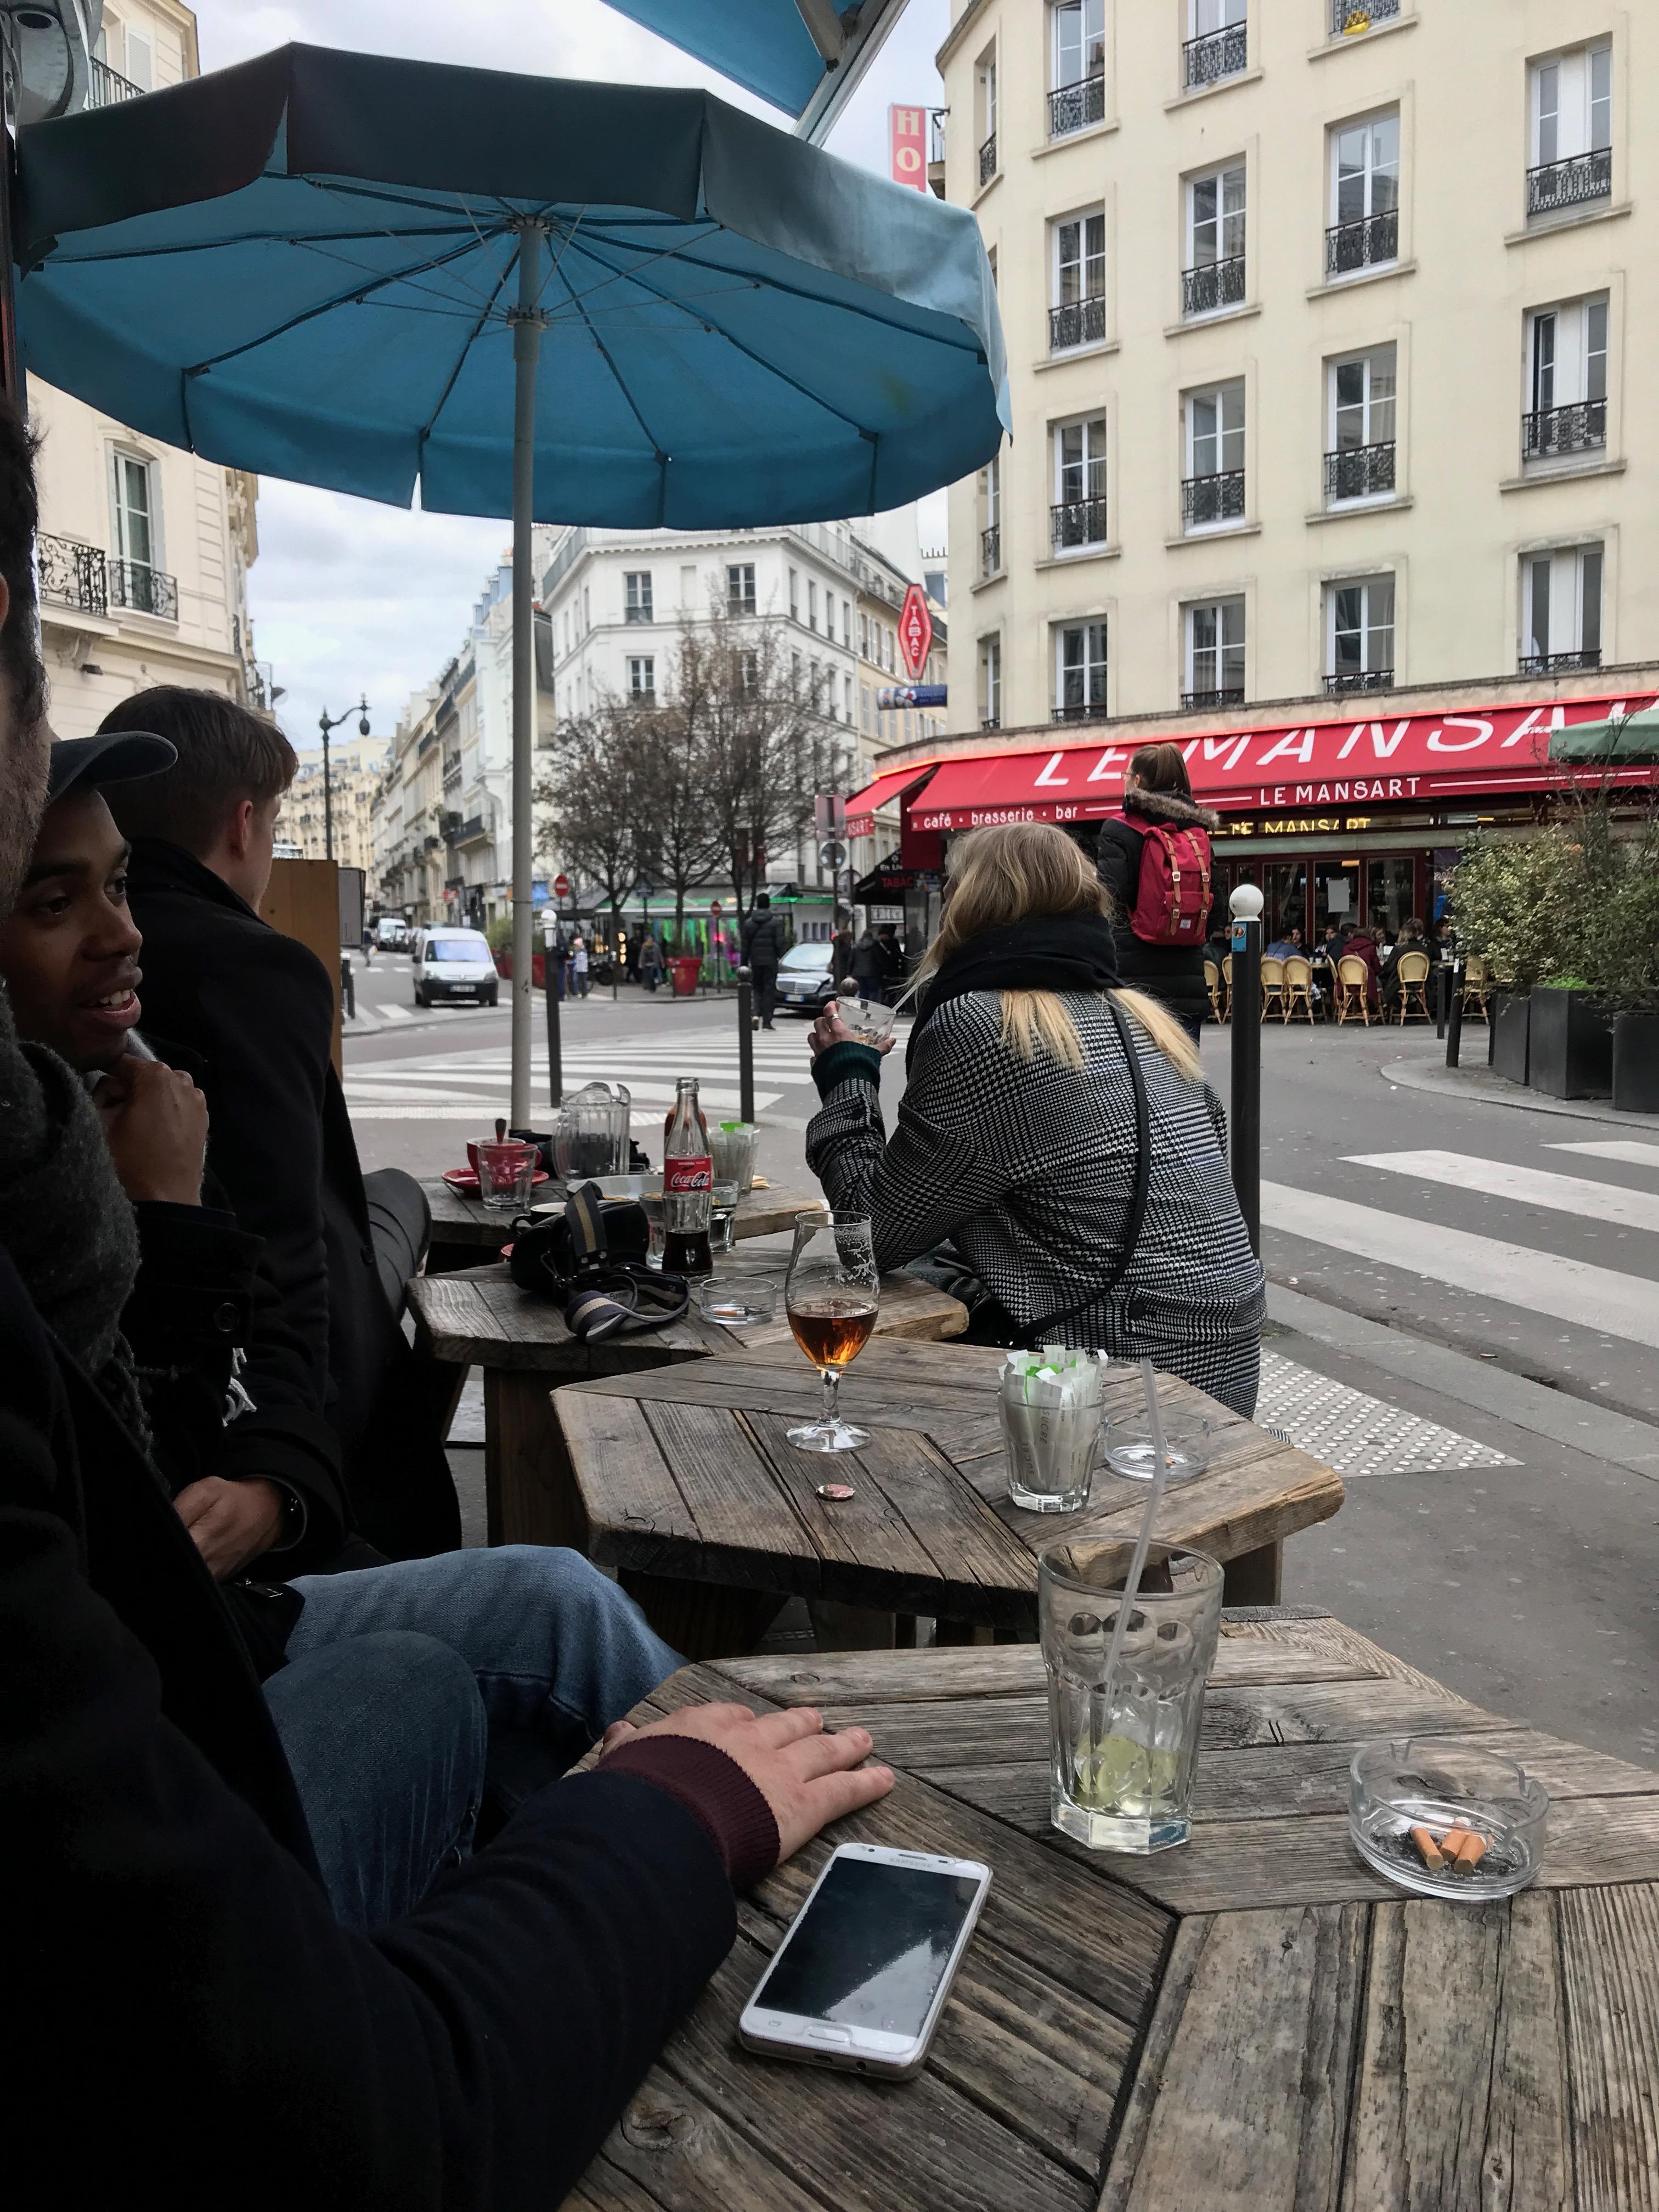 A café near Pigalle